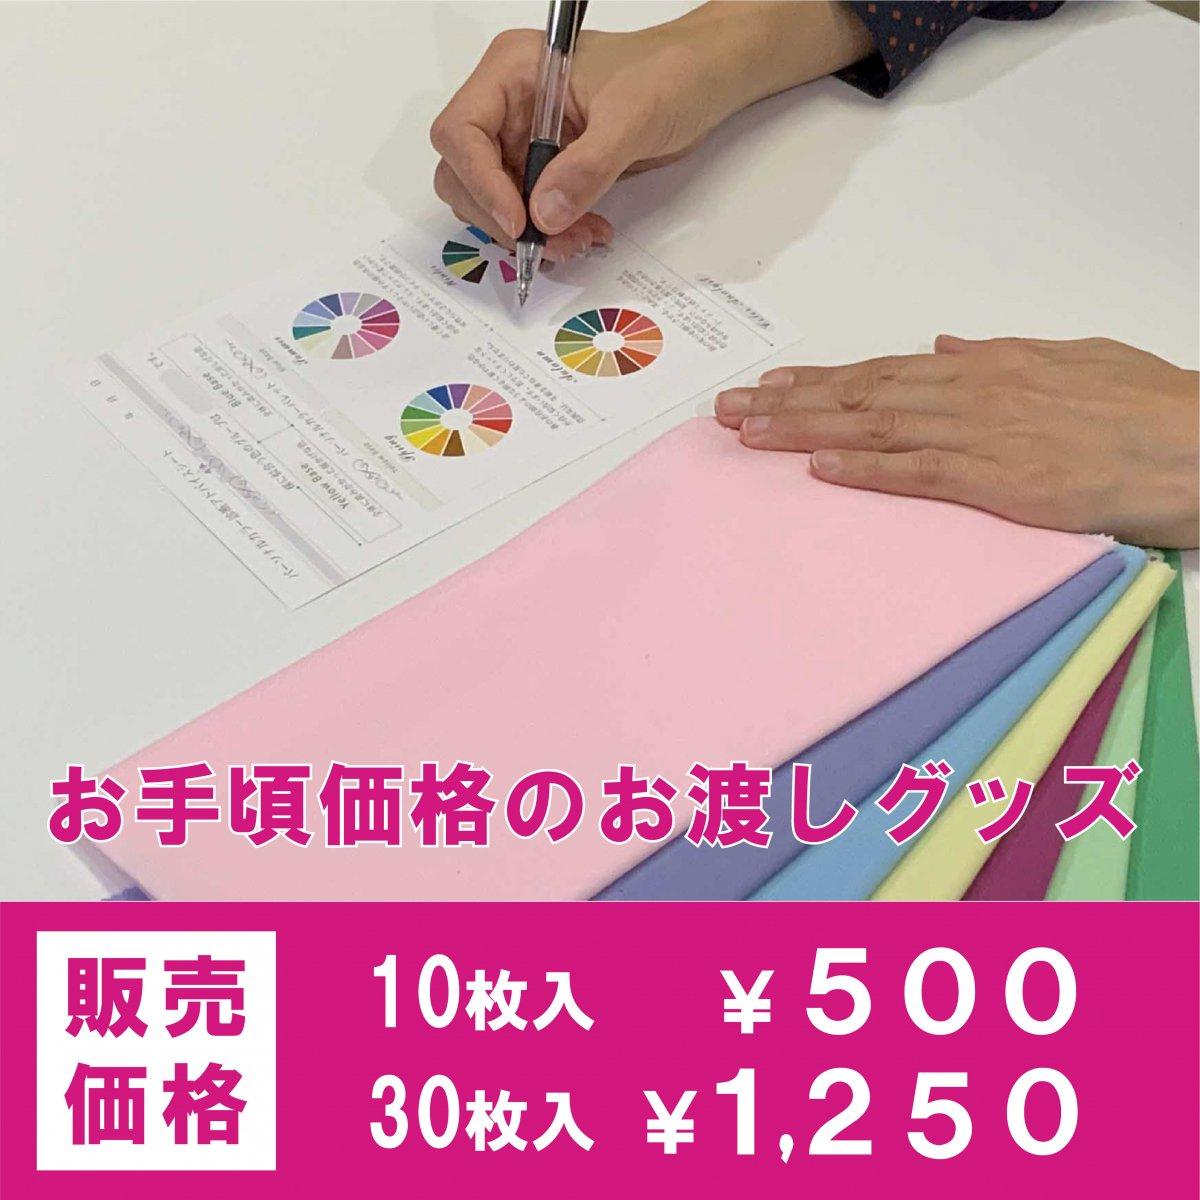 シンプルアドバイスシート【10枚入】